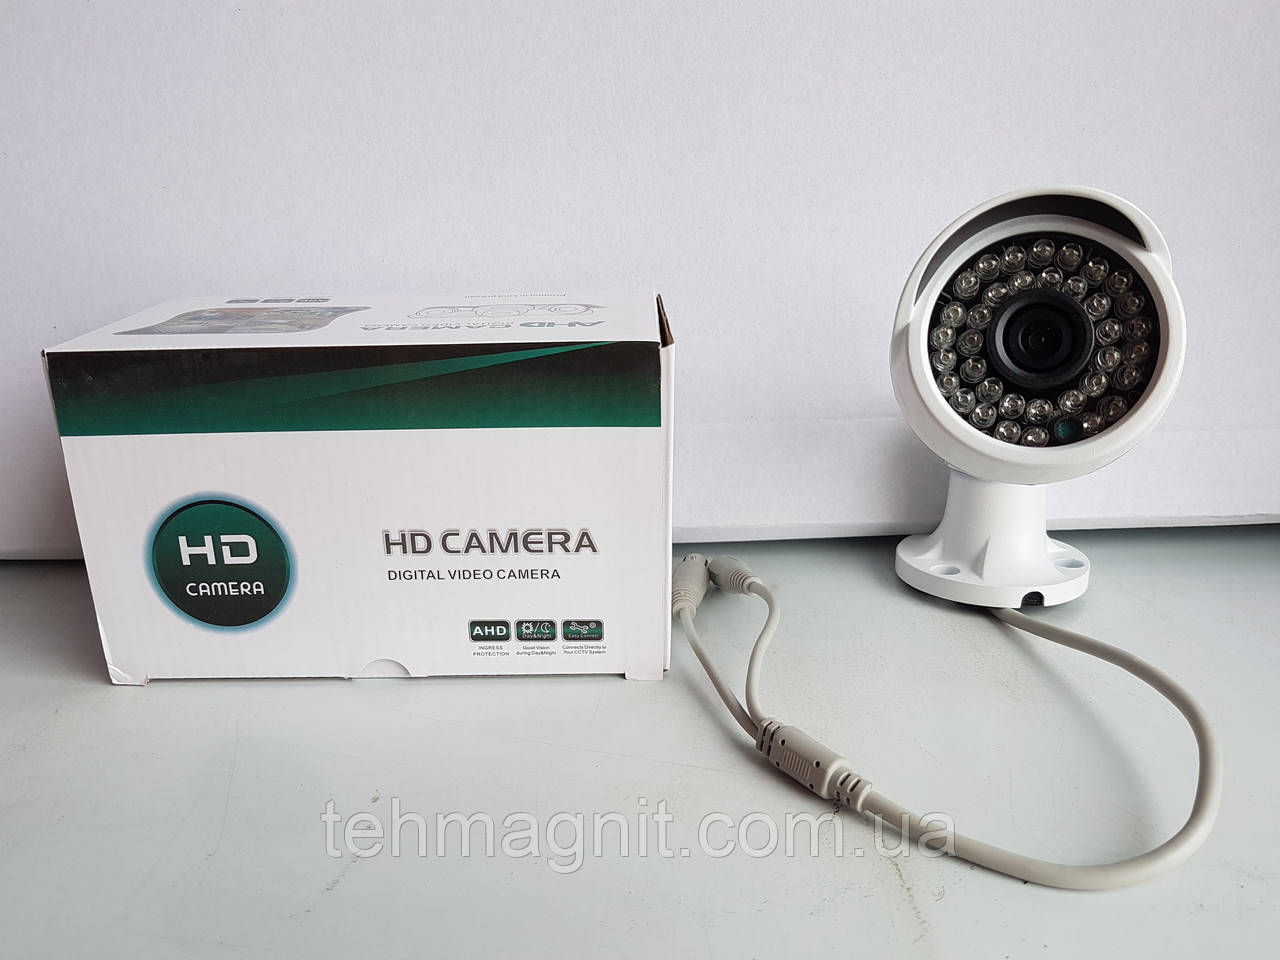 Камера видеонаблюдения наружная HD CAMERA YS-685 3,6мм , аналоговая камера видеонаблюдения.